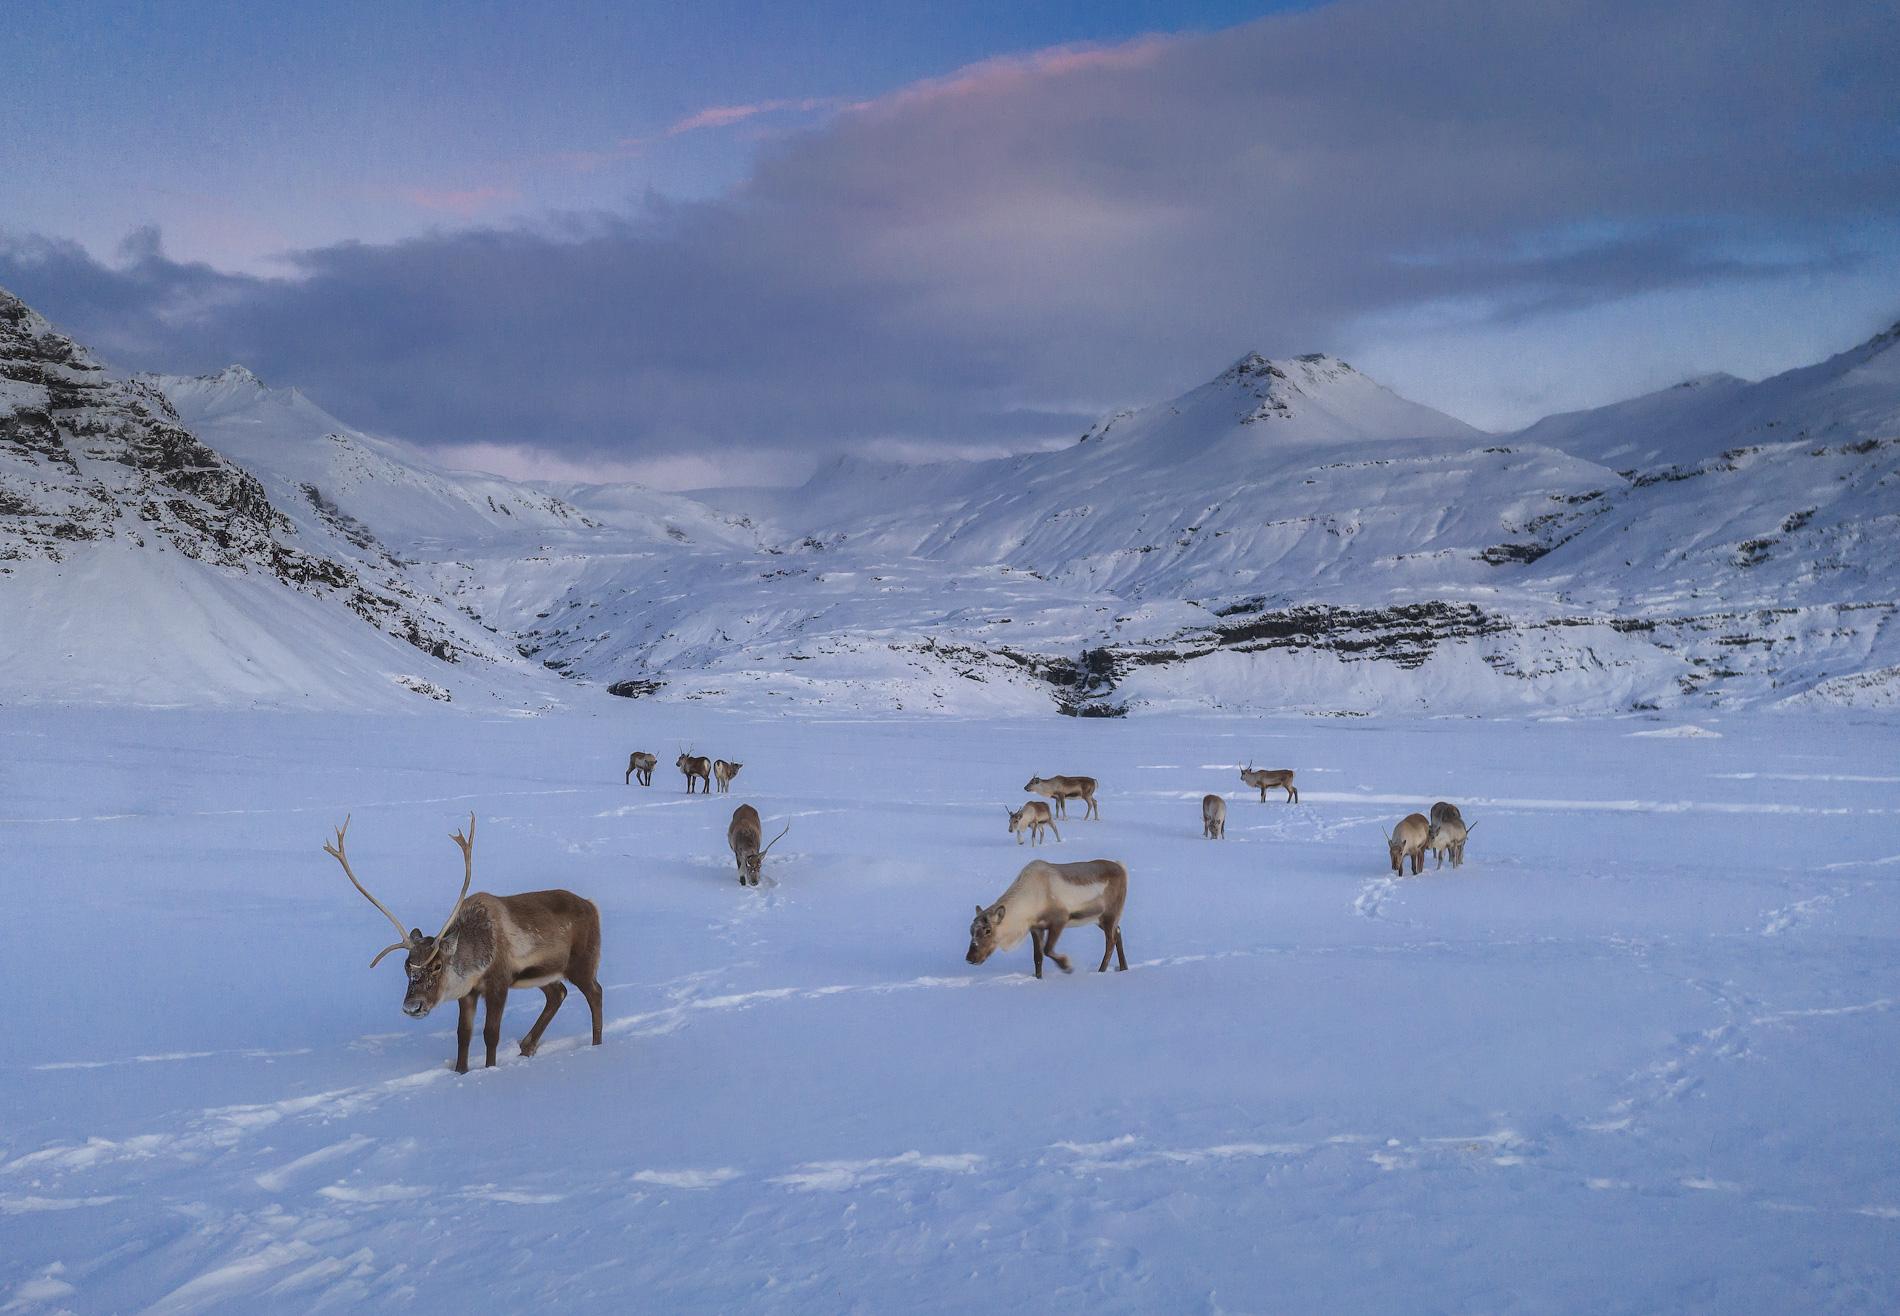 Si tienes suerte, puedes detectar algunos renos salvajes durante tu estadía en los Fiordos del Este.